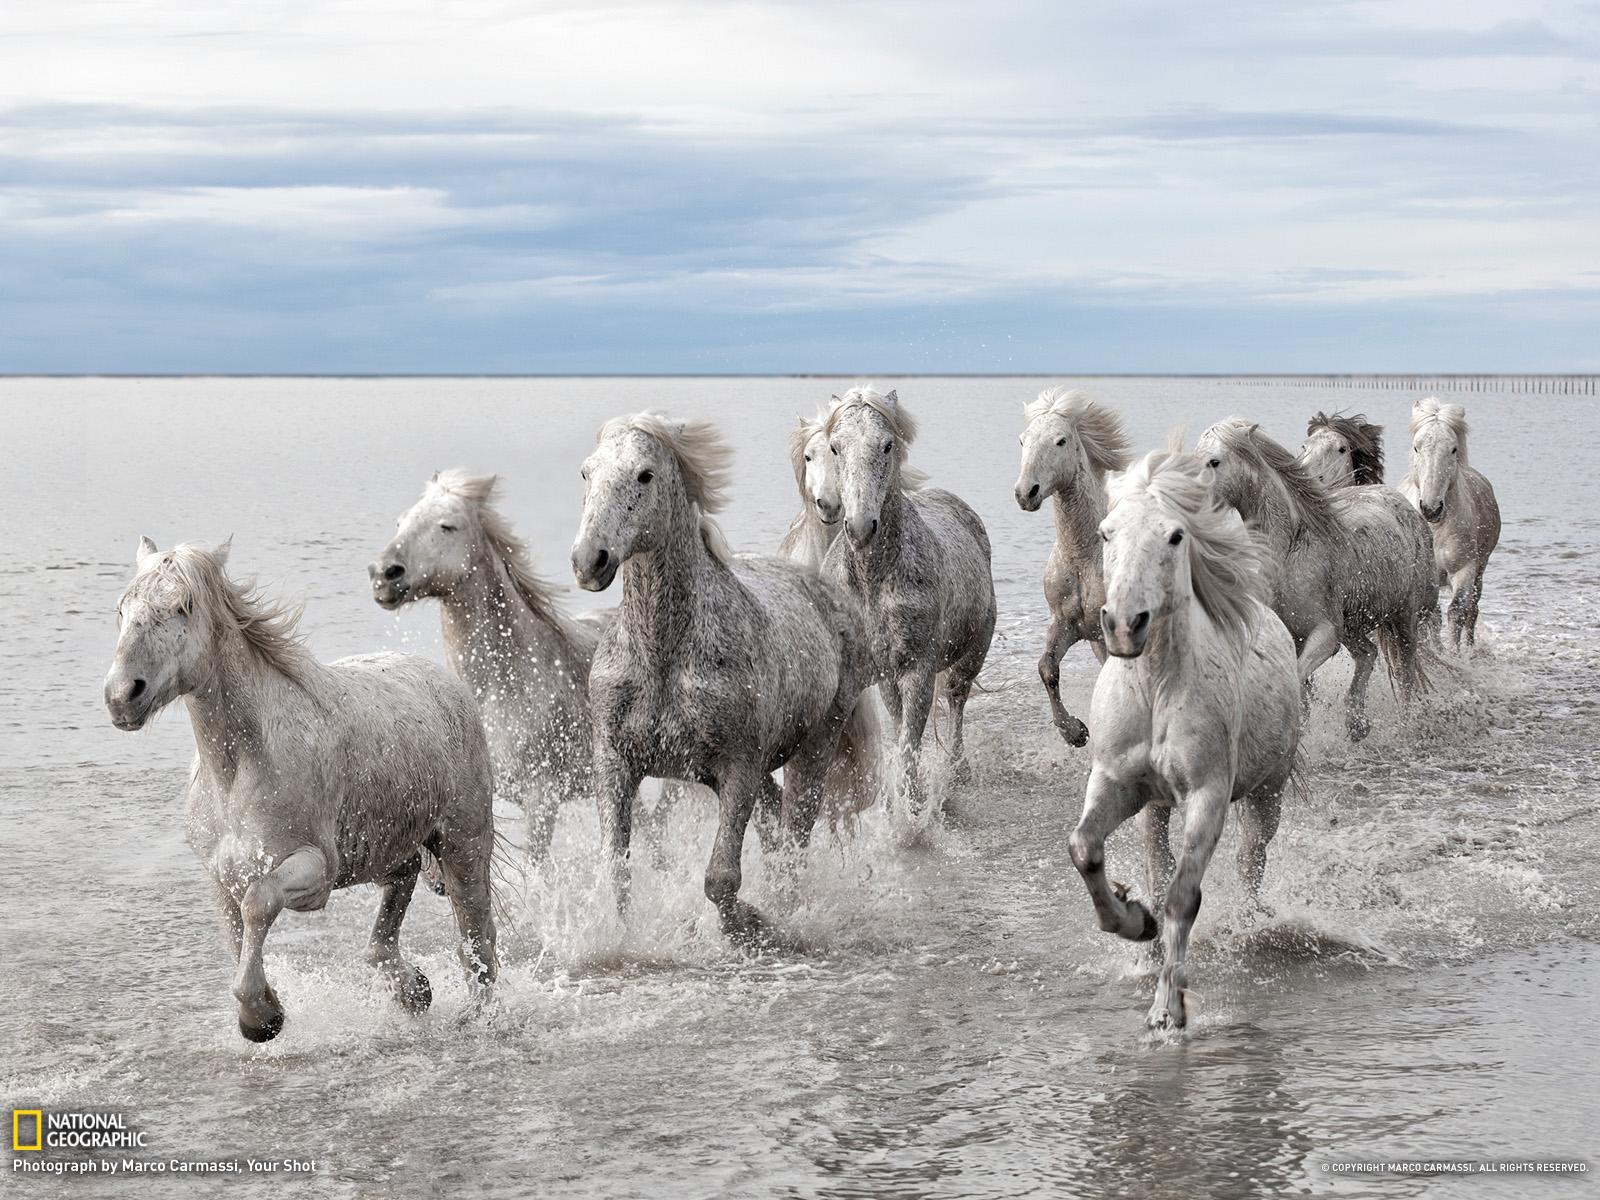 Άγρια άλογα, Γαλλία